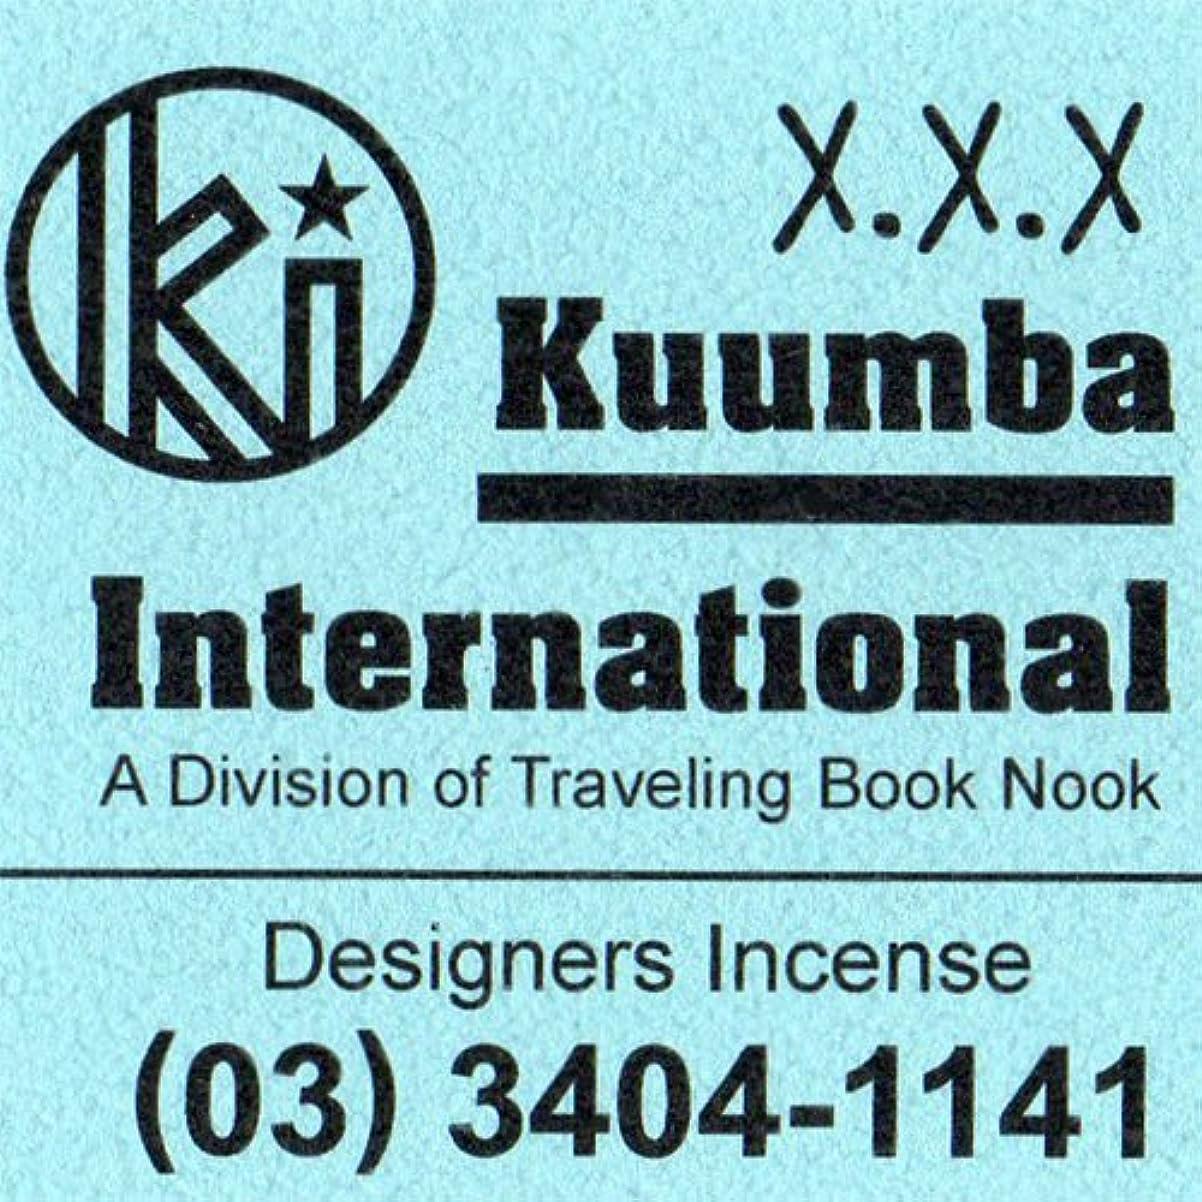 硬さ工場バウンドKUUMBA/クンバ『incense』(X.X.X) (Regular size)